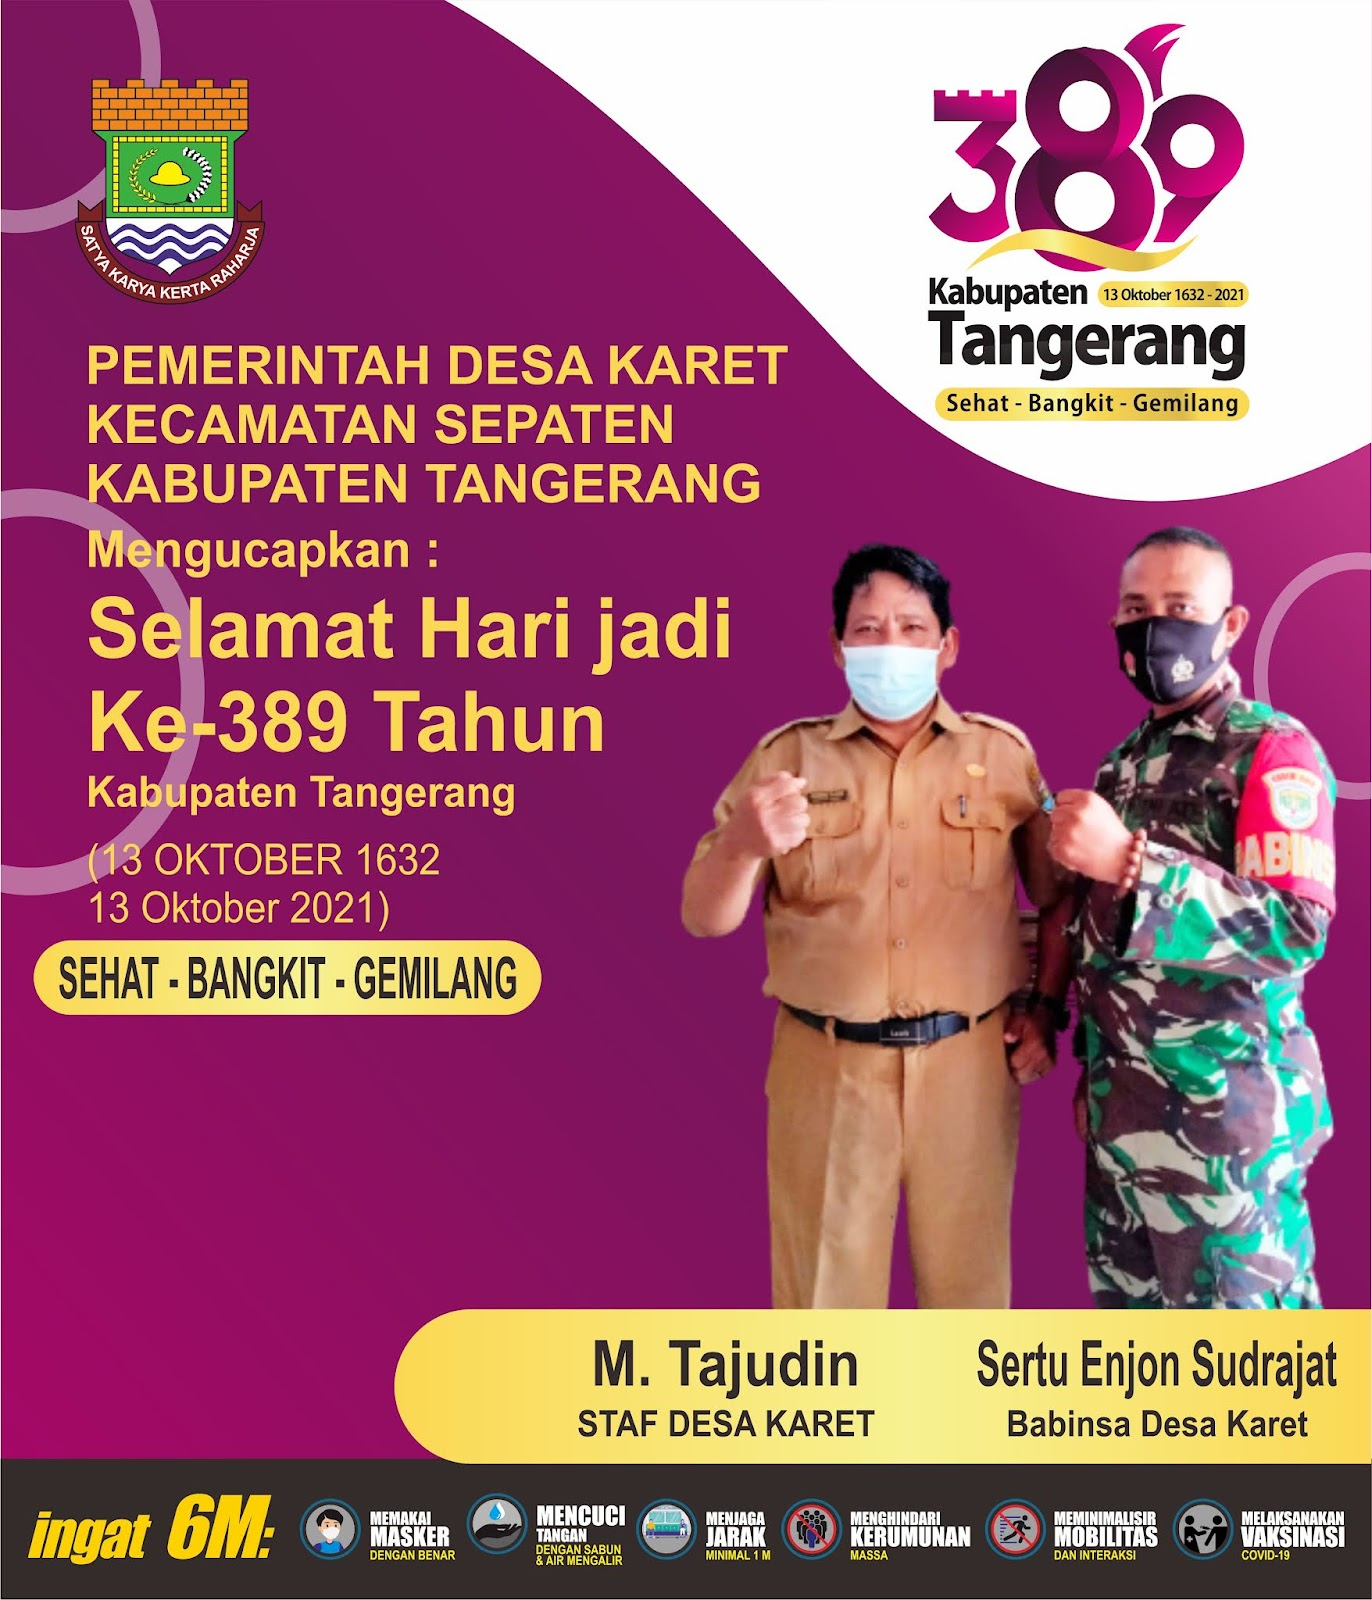 Hari Jadi Kabupaten Tangerang Ke-389 Pemerintahan Desa Karet Kecamatan Sepatan